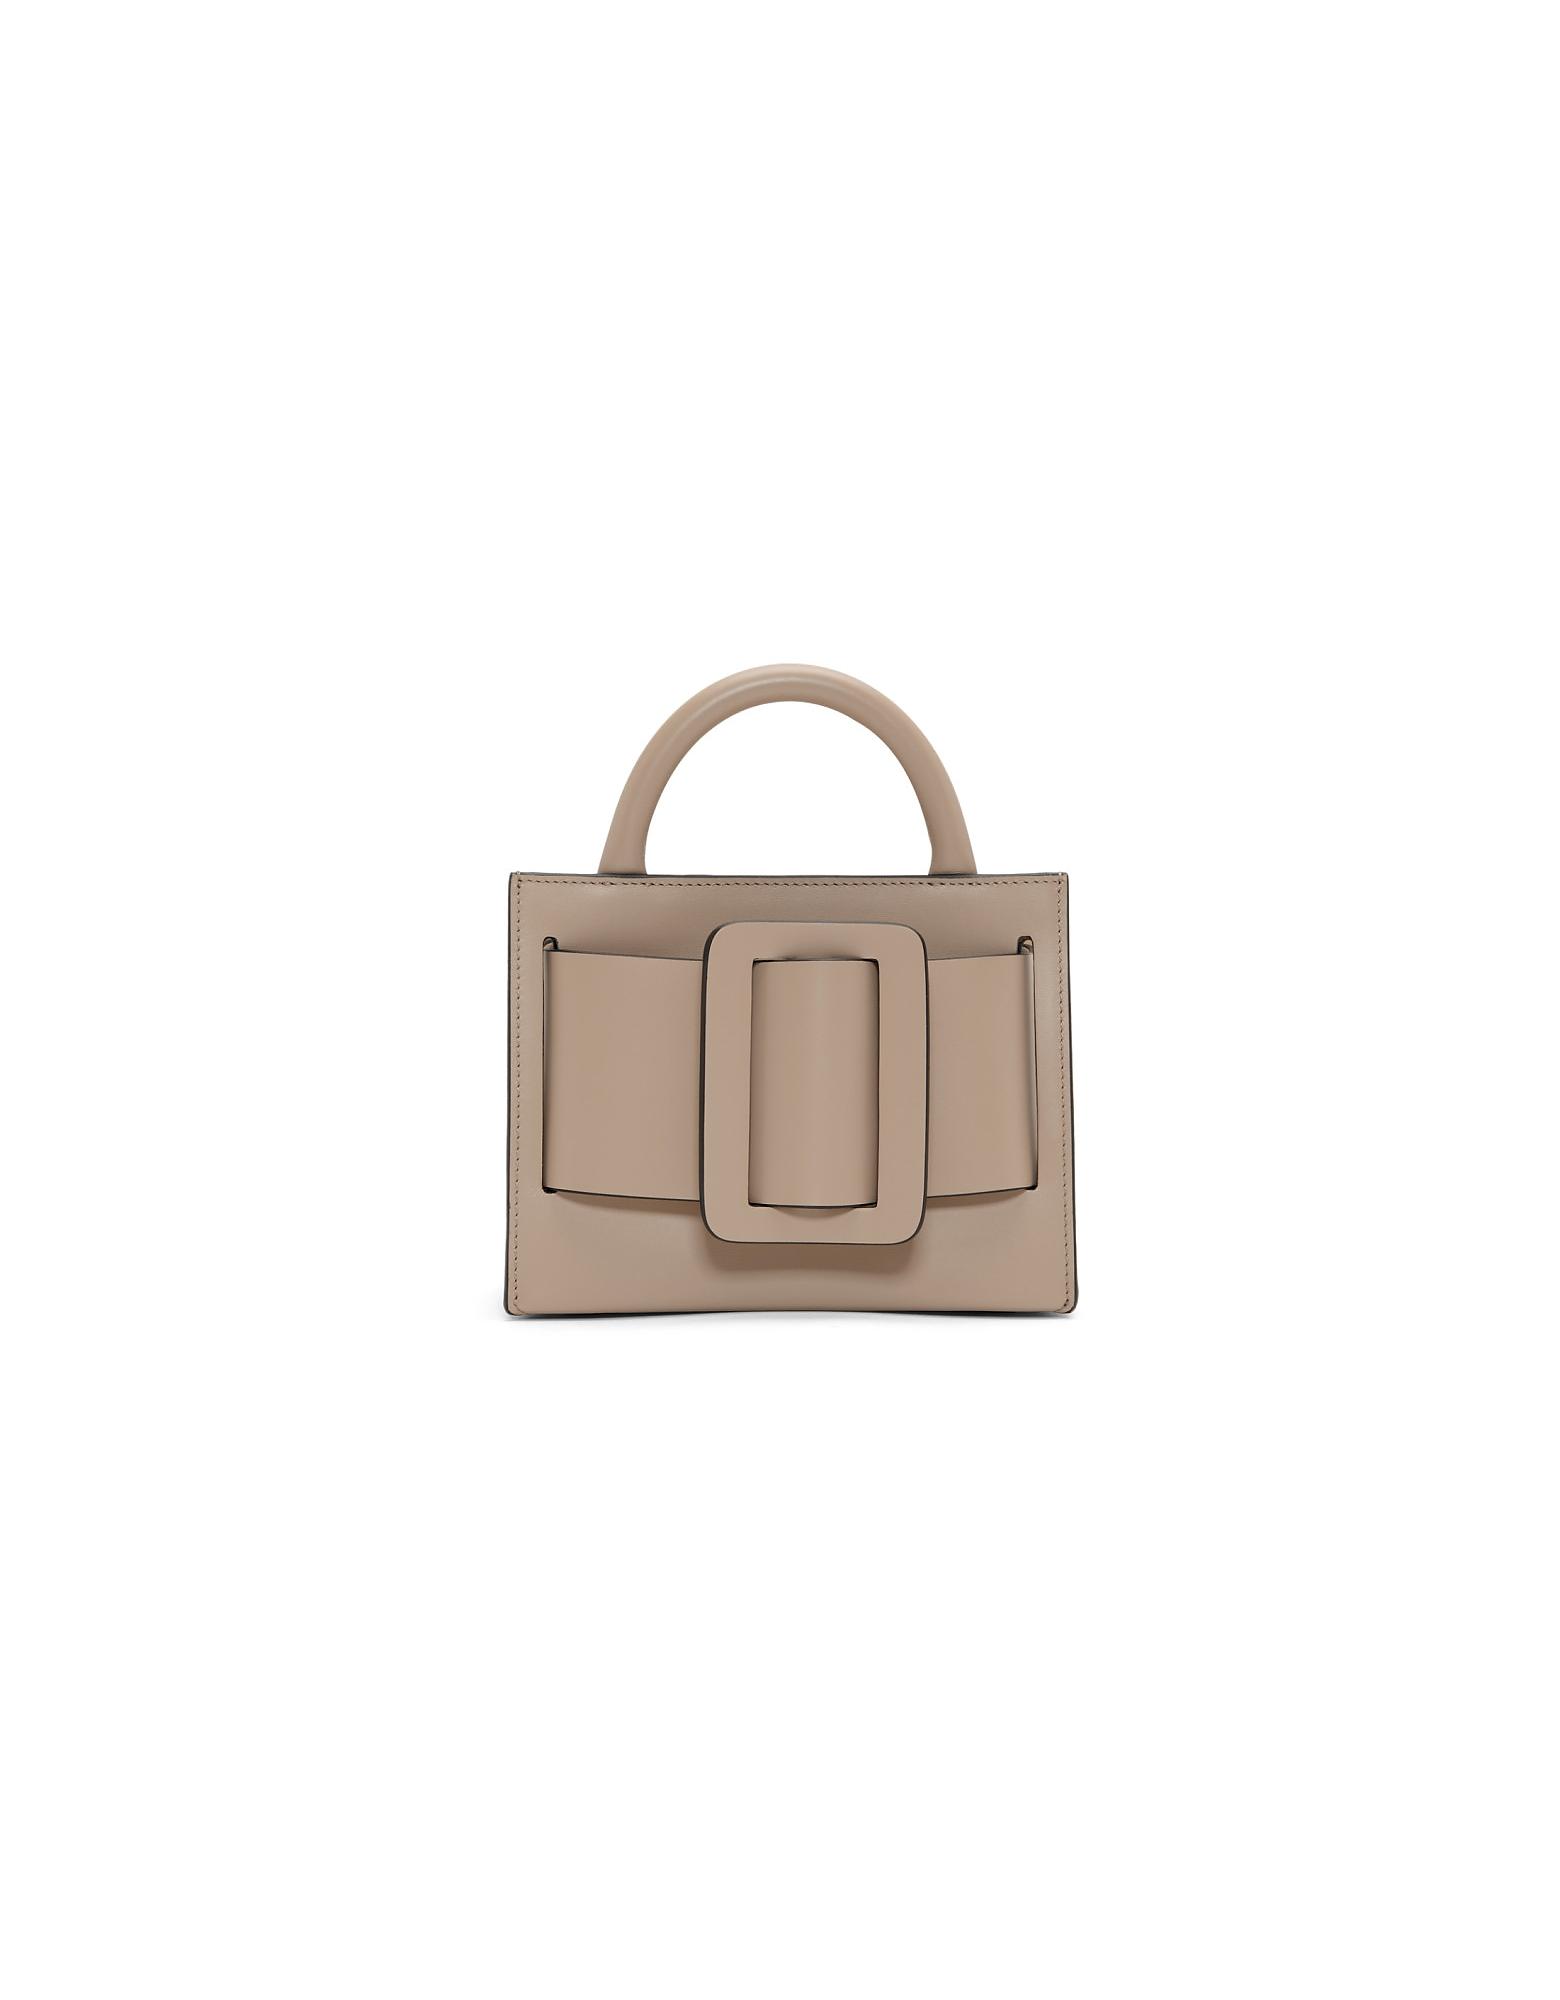 BOYY Designer Handbags, Beige Bobby 18 Bag